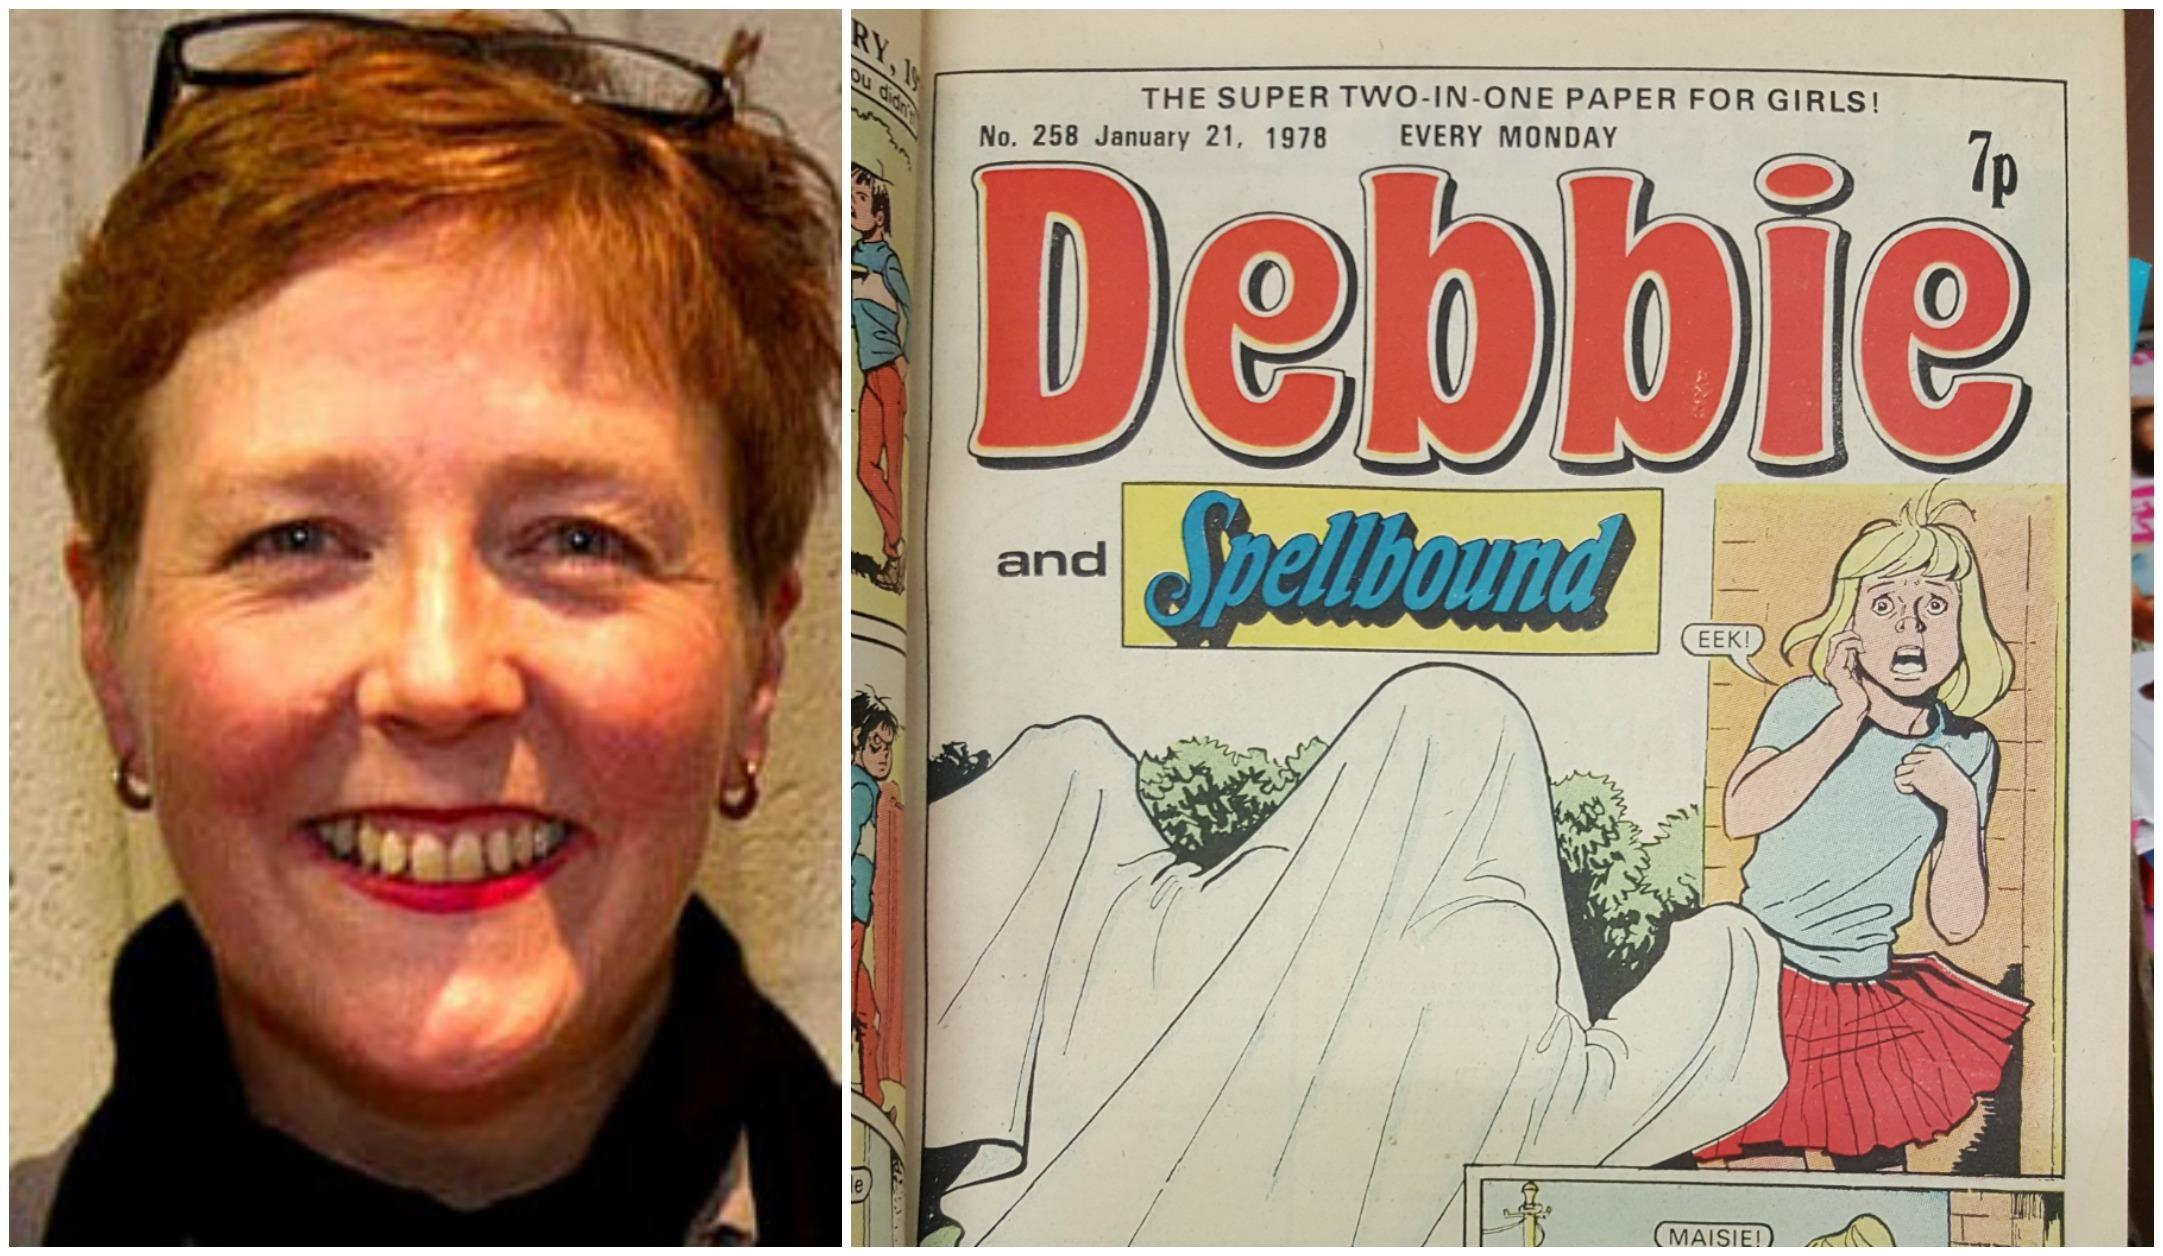 Jan Prentice was a big fan of the Debbie comic